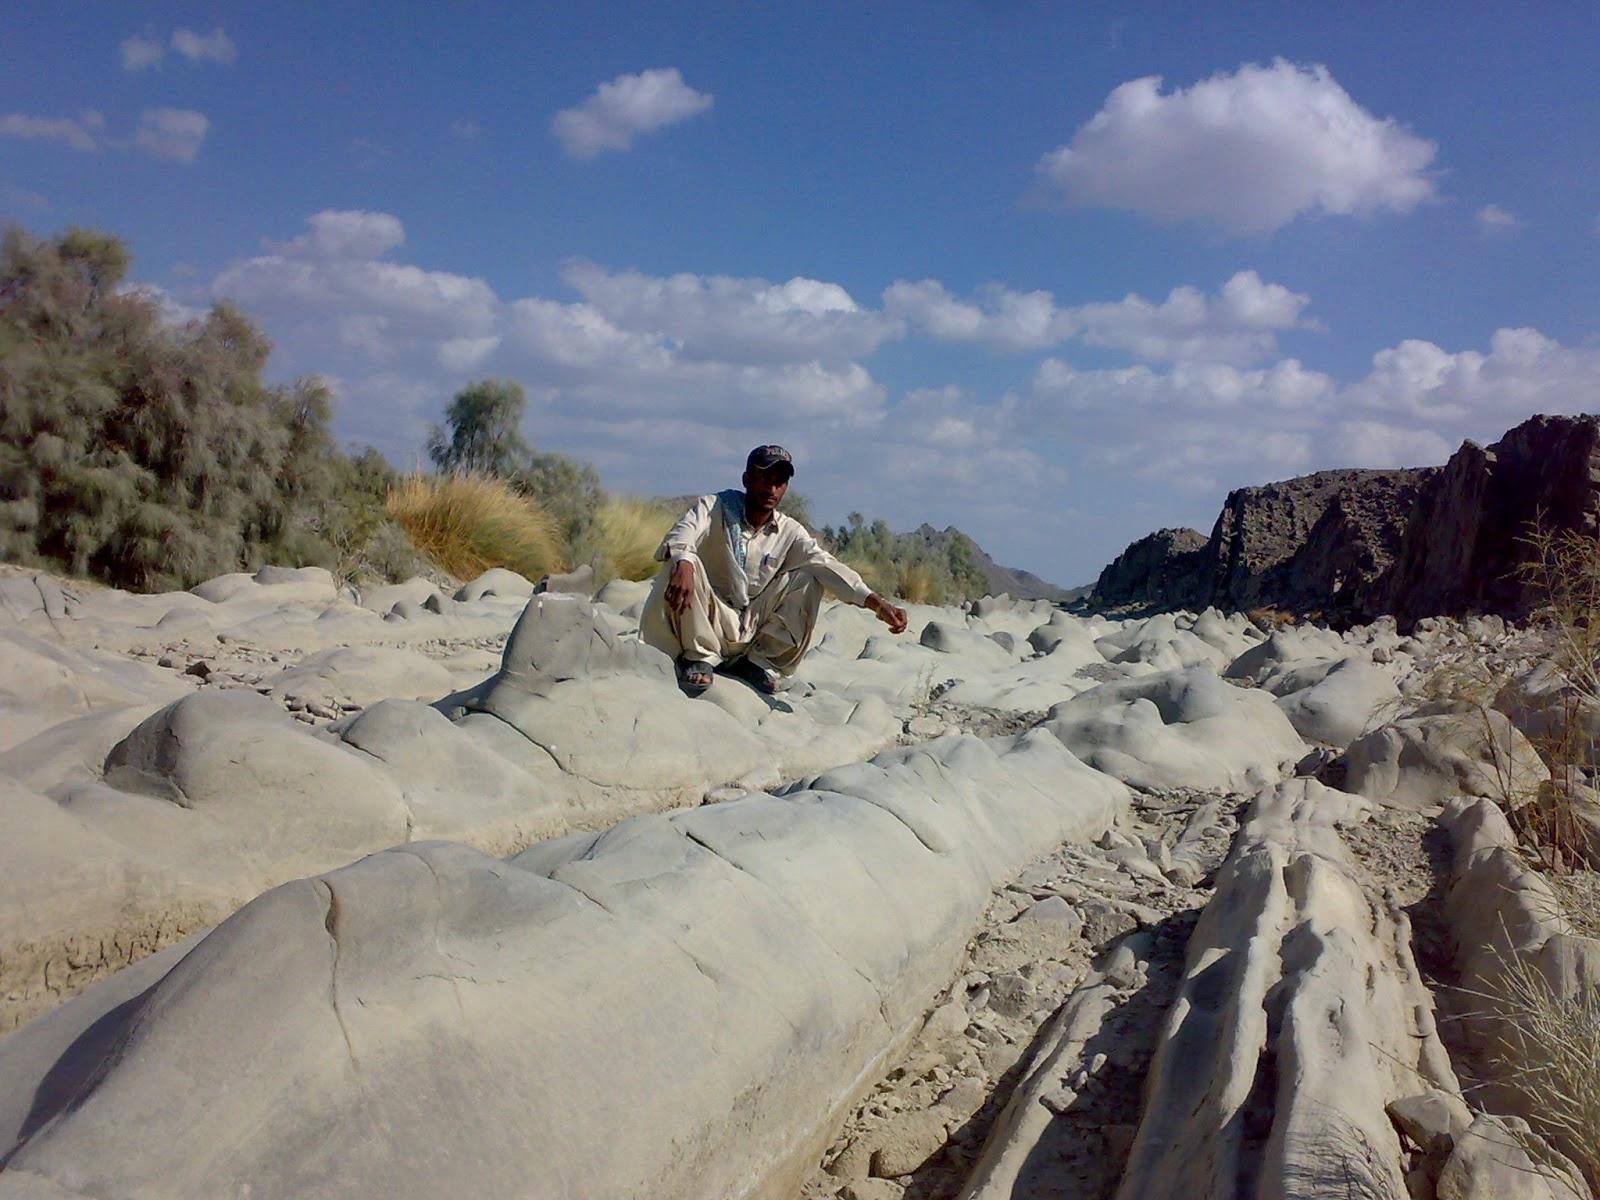 Состояние дел по борьбе с засухой в Центральной Азии